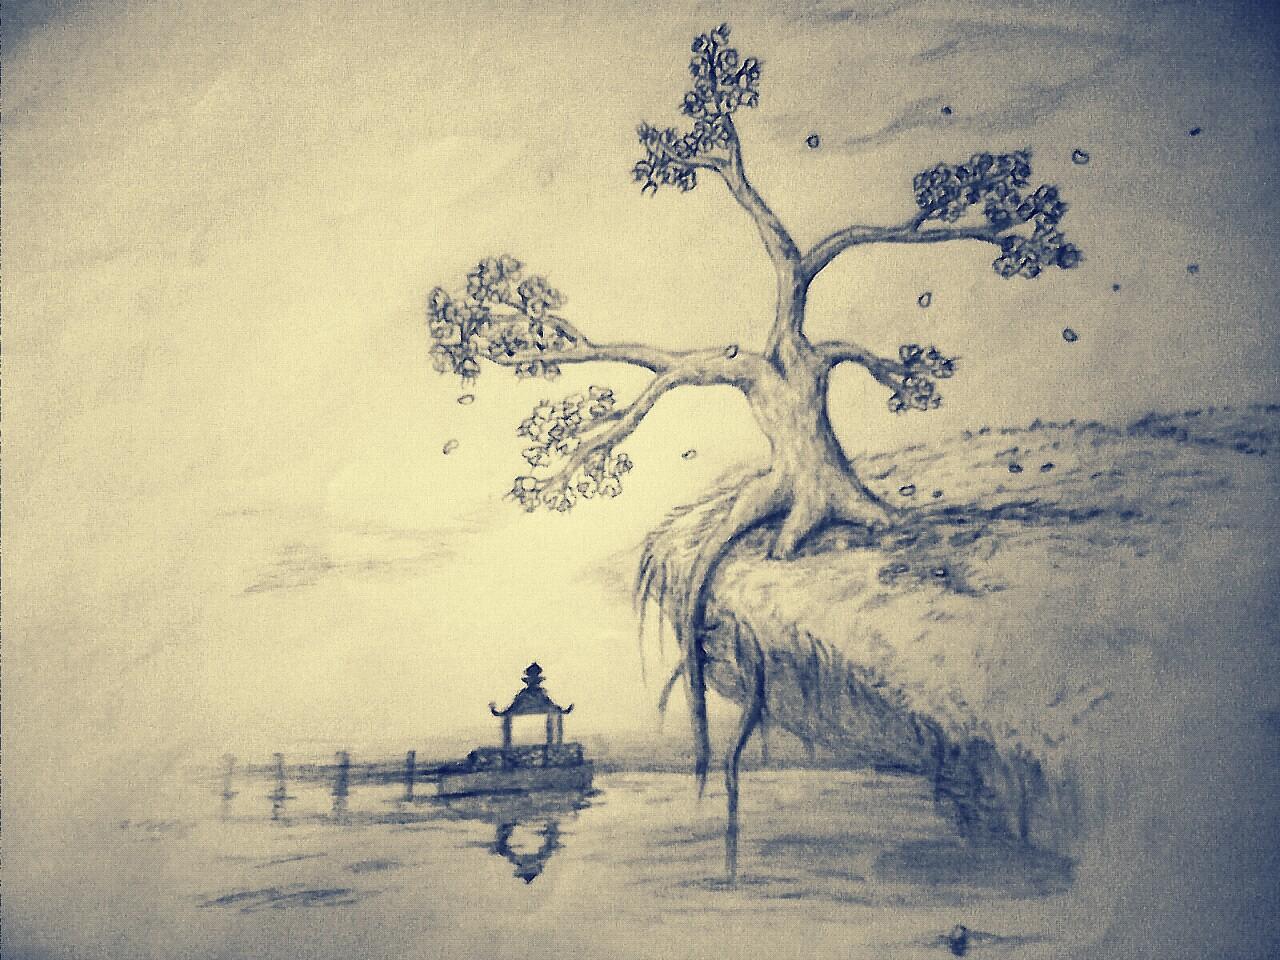 Cherry blossoms tree sketch by akshayrajchovhan on deviantart